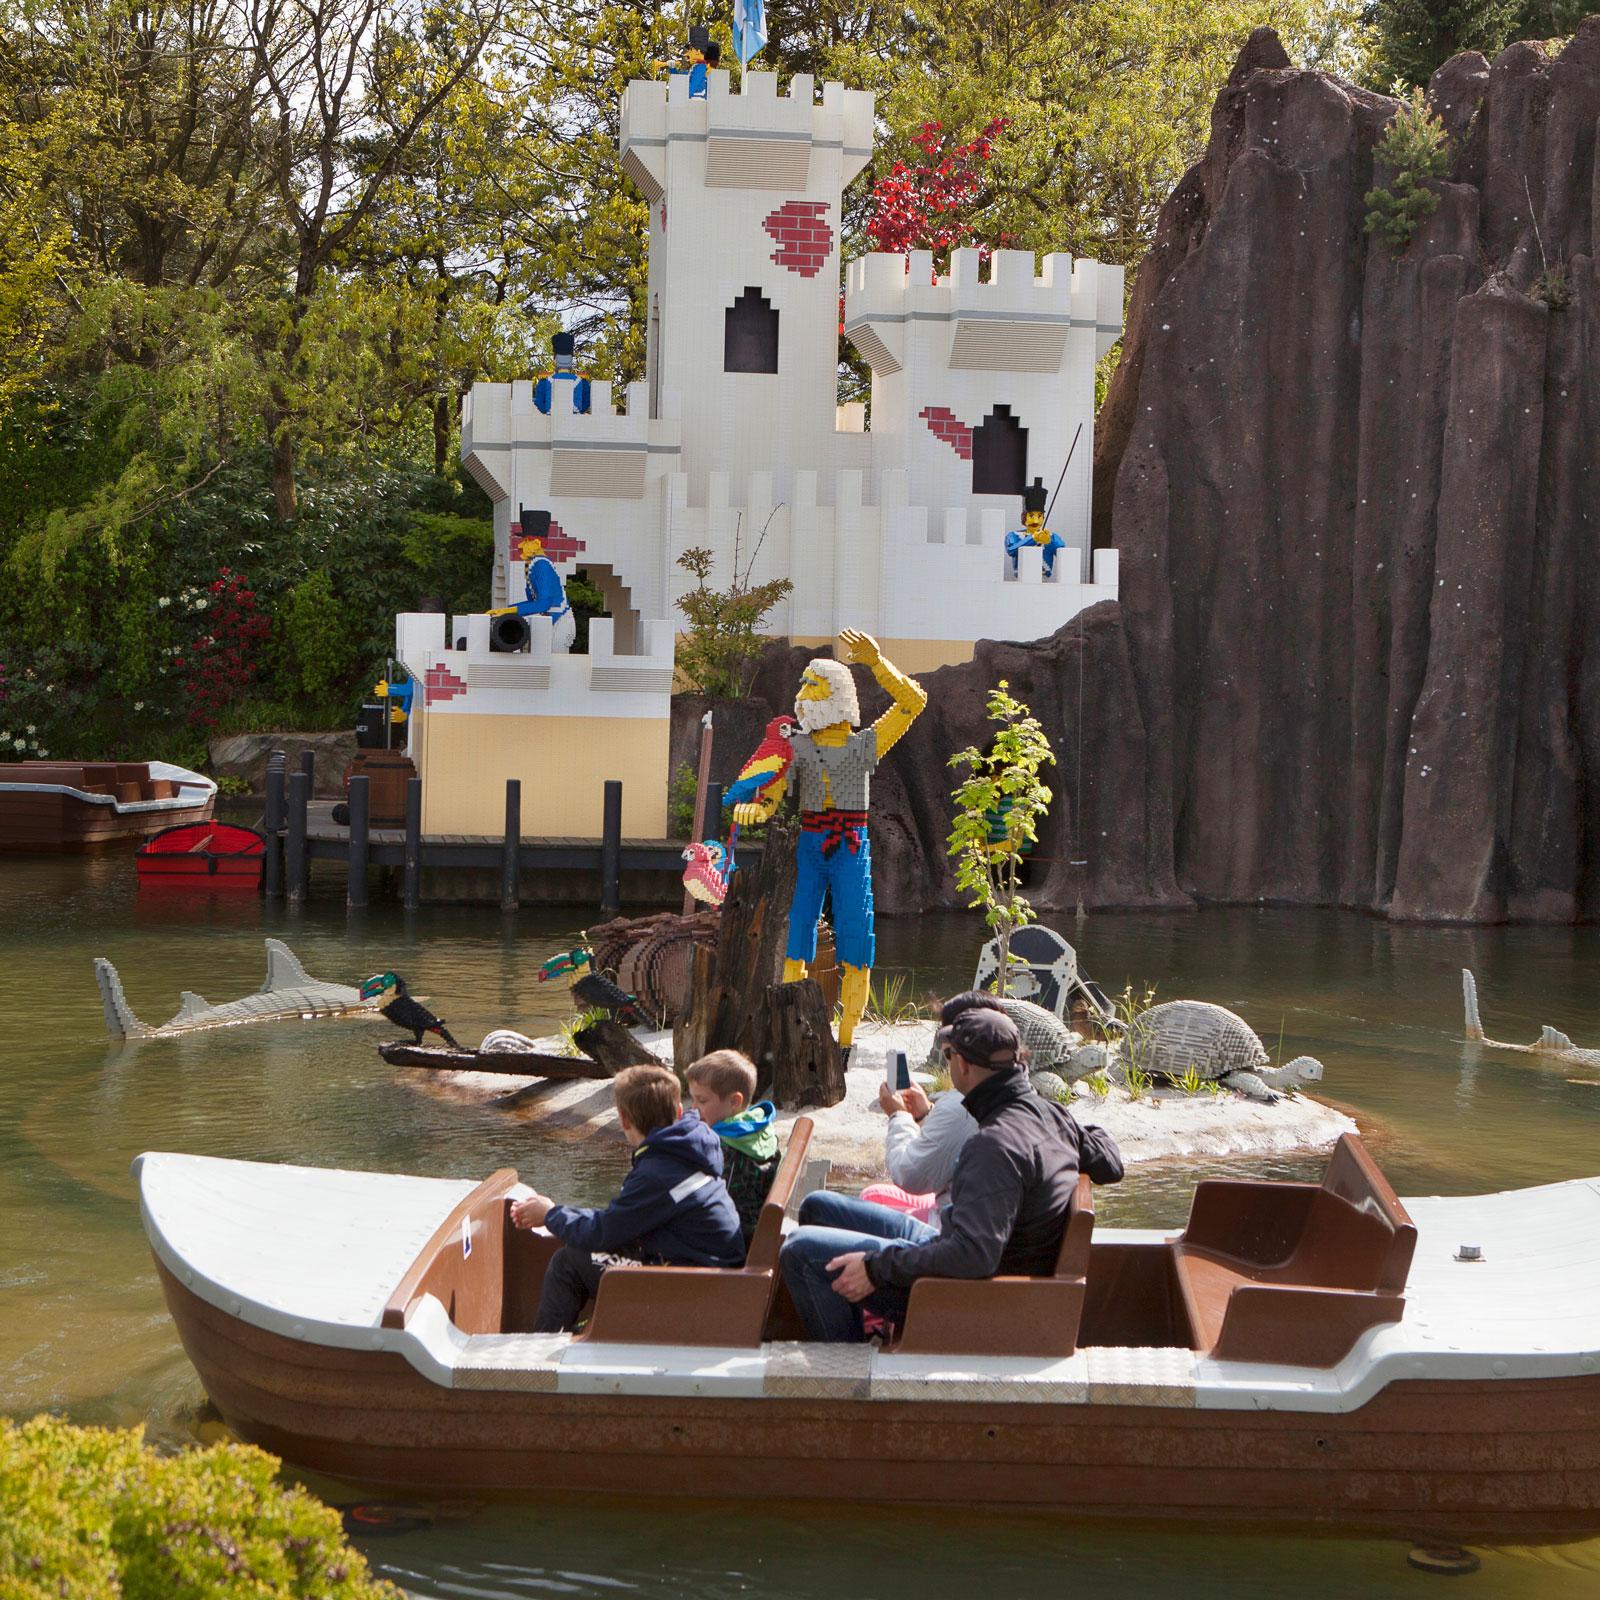 Legoborgen imponerar också under den spännande båtturen.